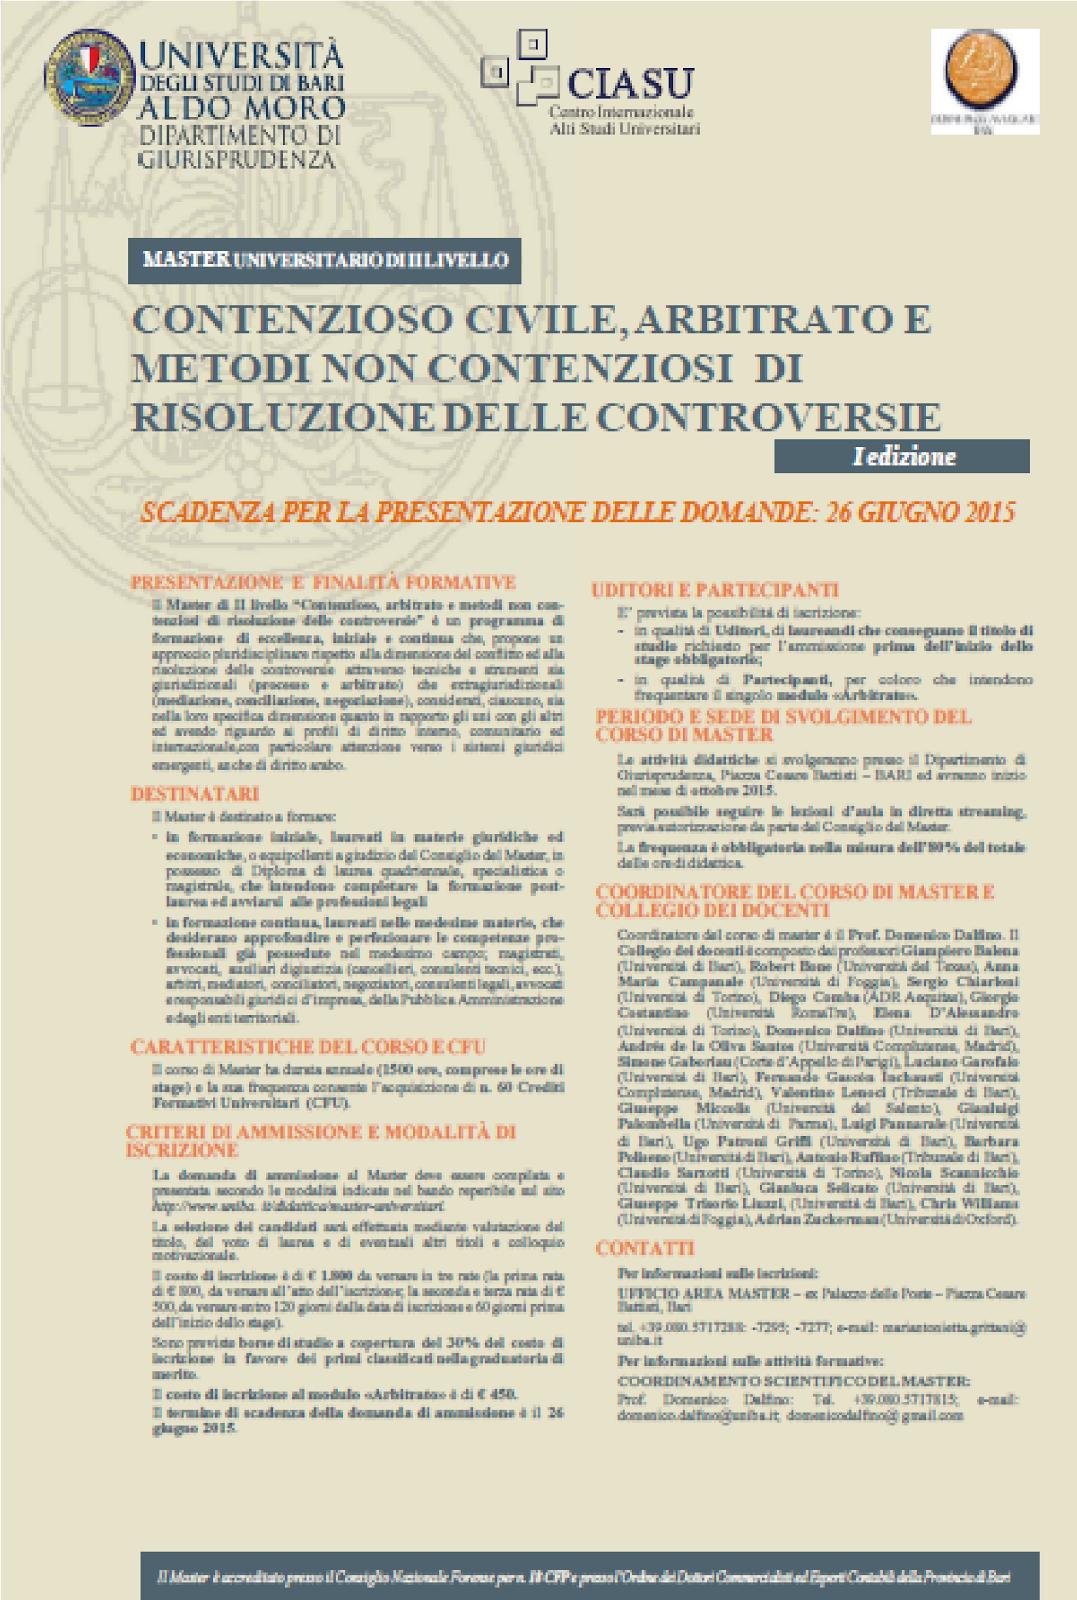 MASTER UNIVERSITARIO DI II LIVELLO: consulta la scheda informativa sul sito web dell'Università